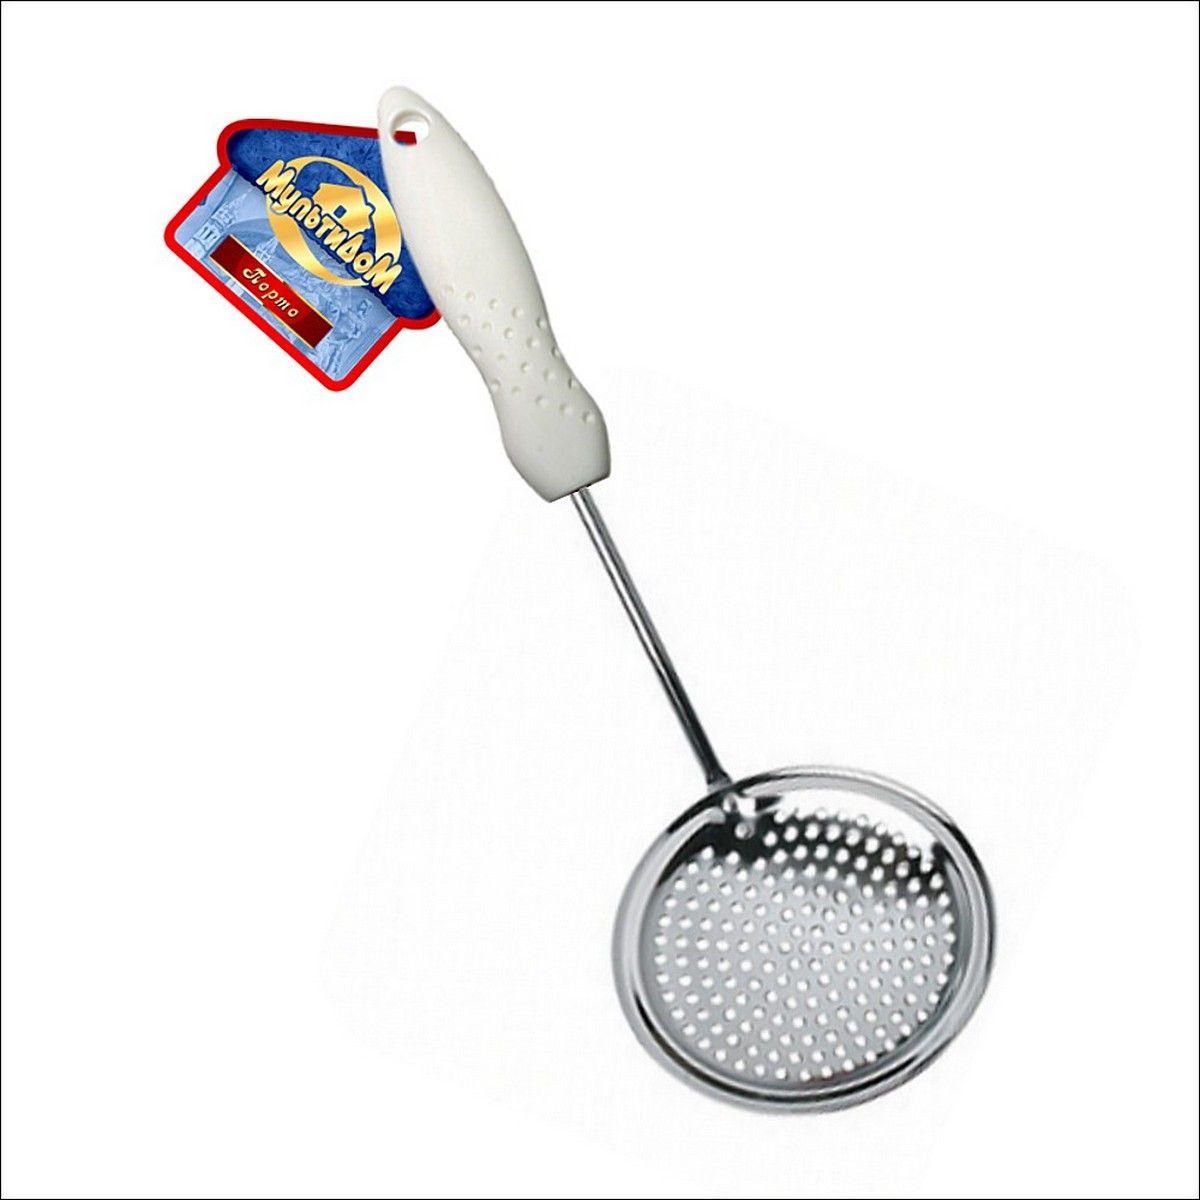 Шумовка Мультидом ПортоFS-91909Используется для снятия пенки с готовящихся первых блюд, а также варенья. Изготовлено: рабочая часть из хромированной стали, ручка из пластмассы. После приминения вымыть с использованием жидких моющих средств.